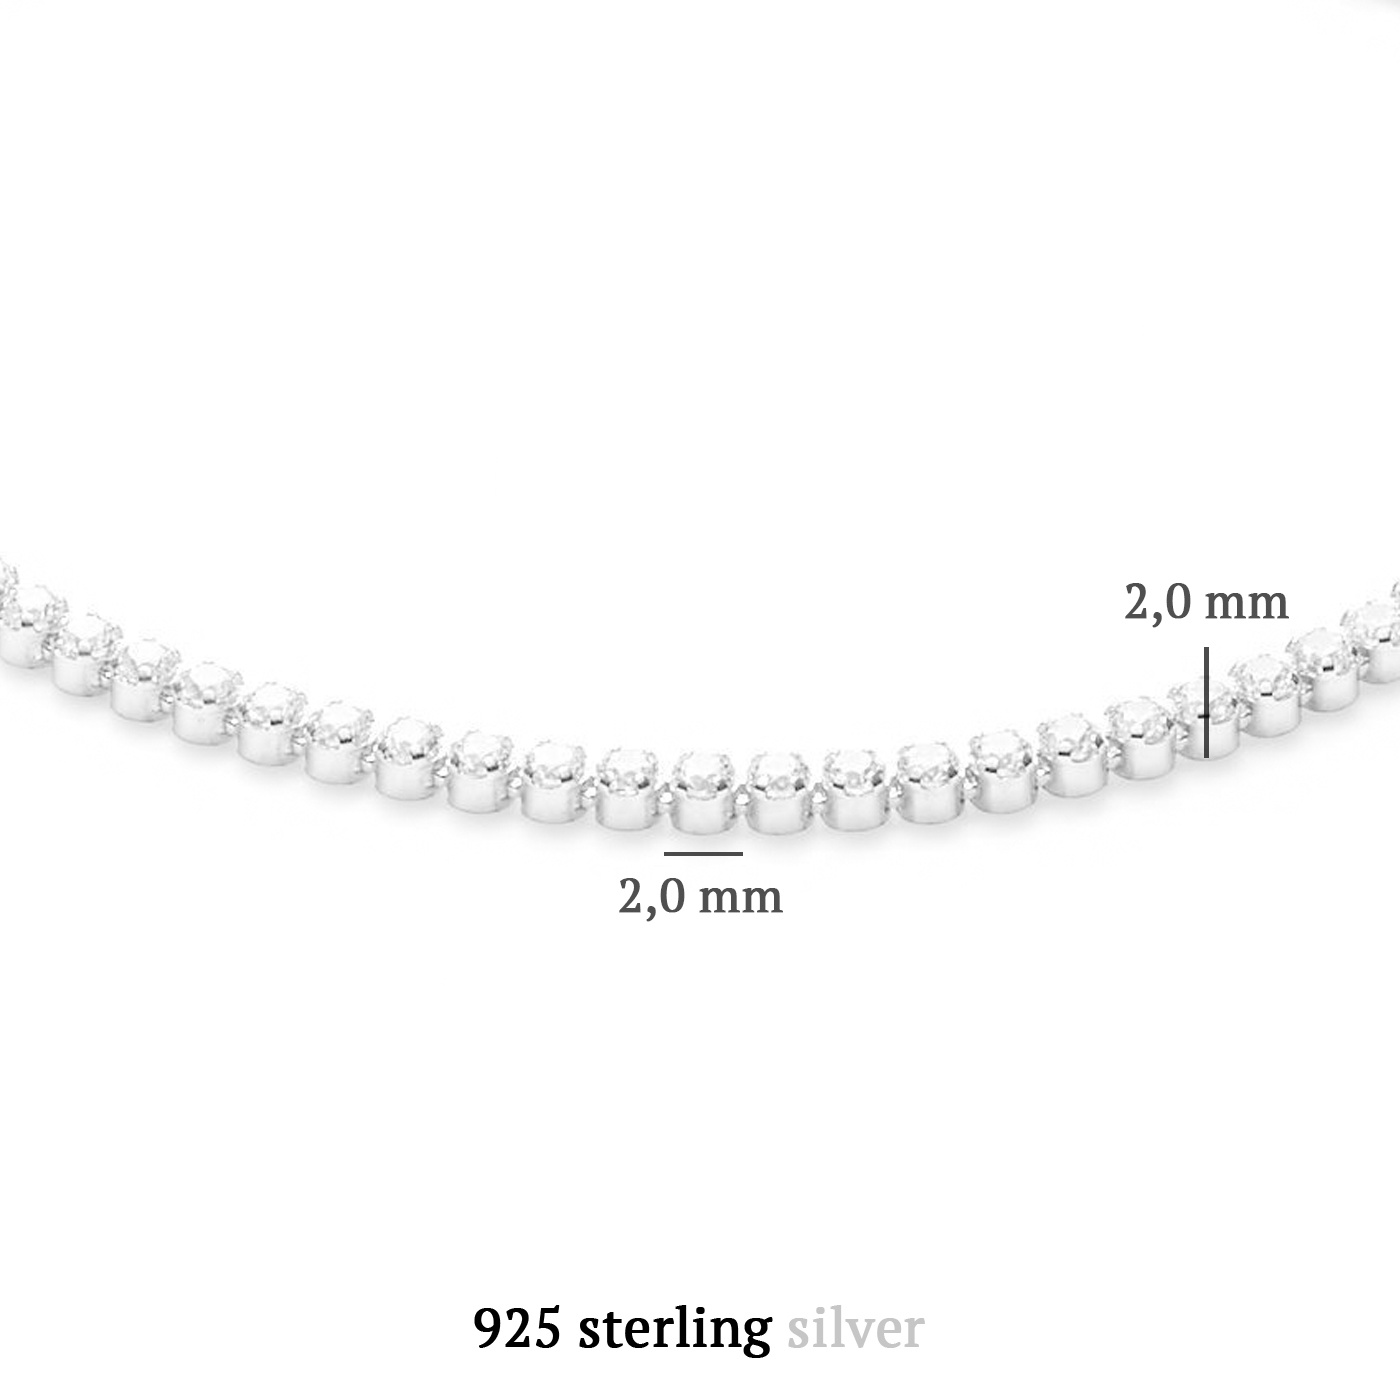 Parte di Me Ponte Vecchio Pitti 925 sterling silver bracelet with zirconia